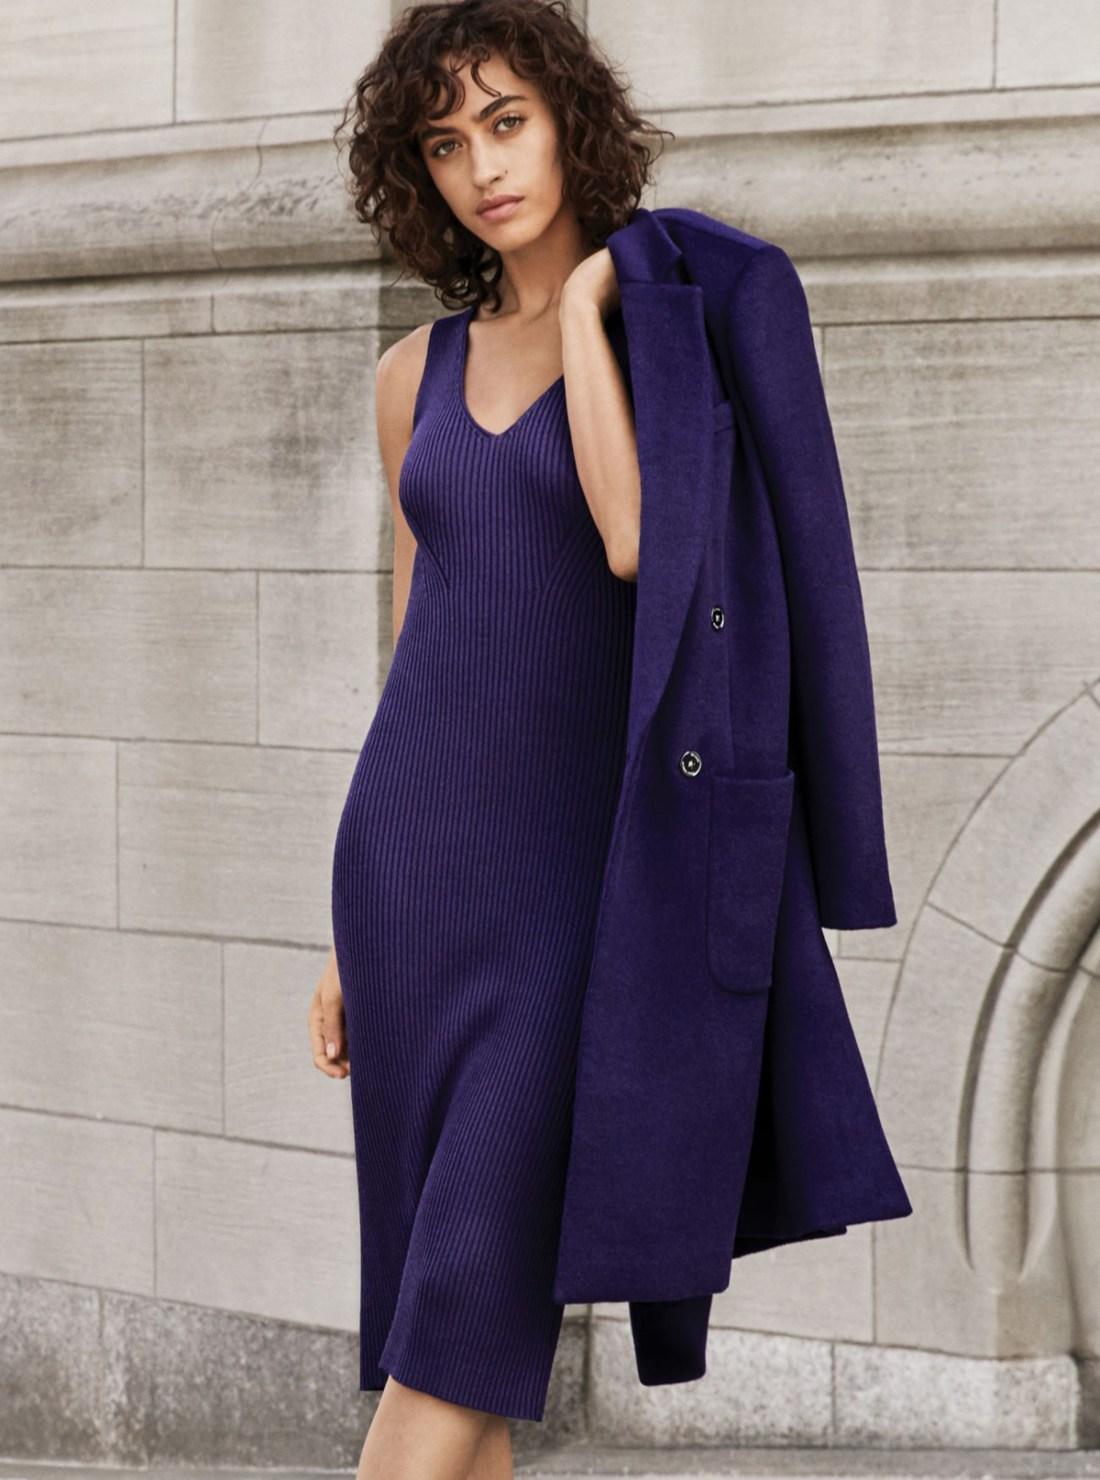 Michael Kors Fall Fashion